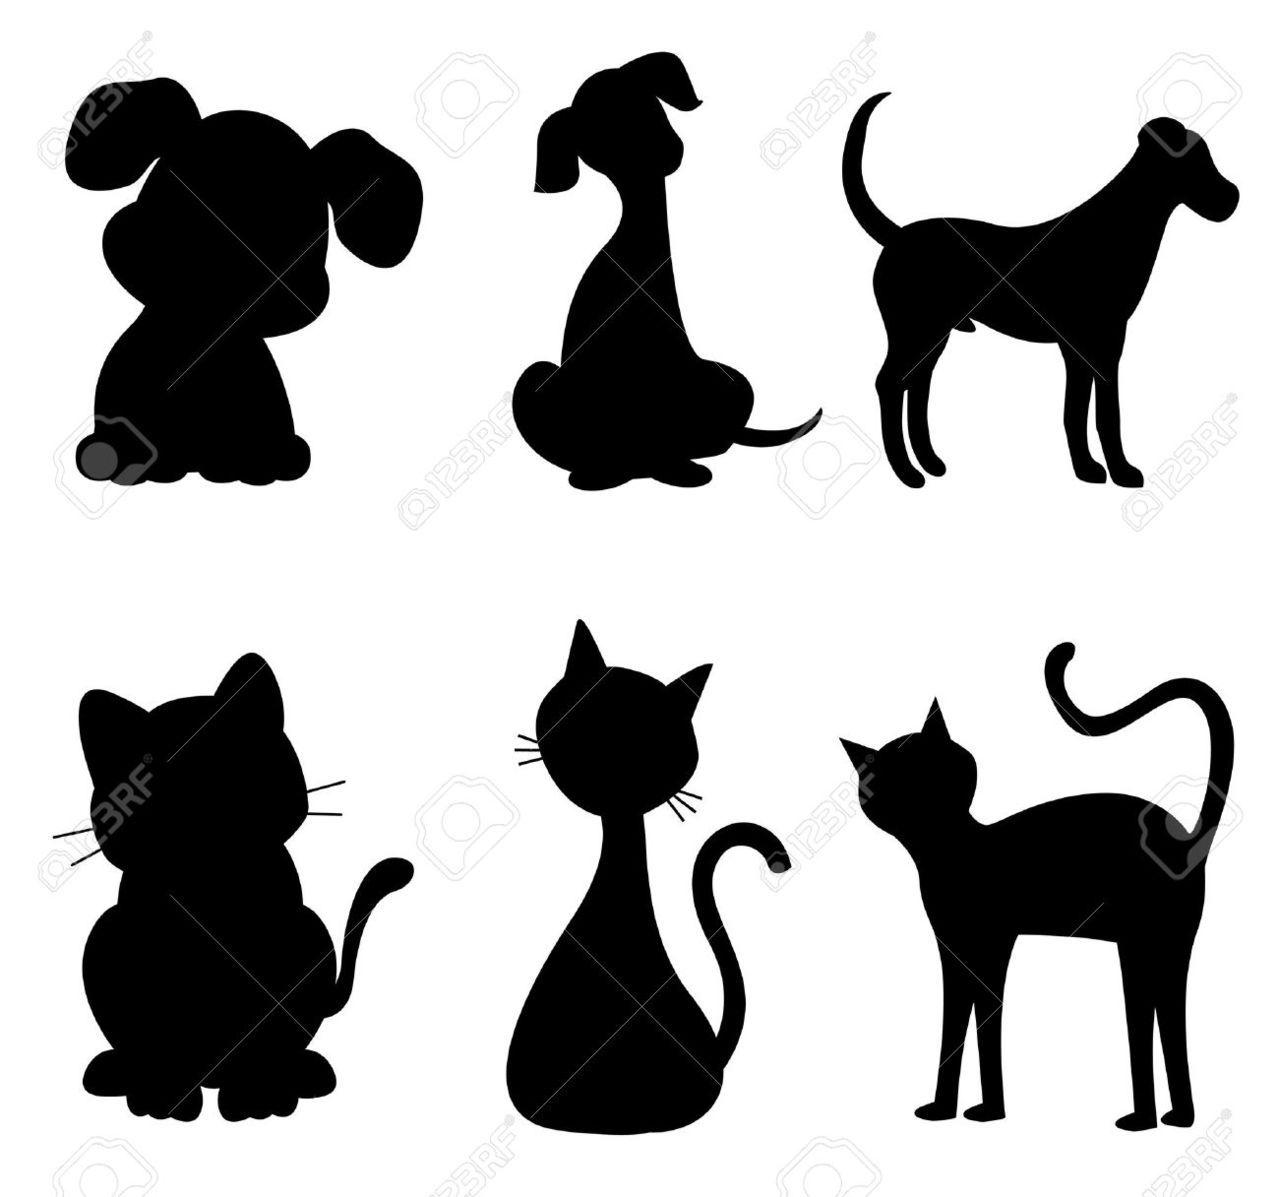 Disegno Cane Bianco E Nero.Disegni Stilizzati Cani E Gatti Disegni Di Cane Animali